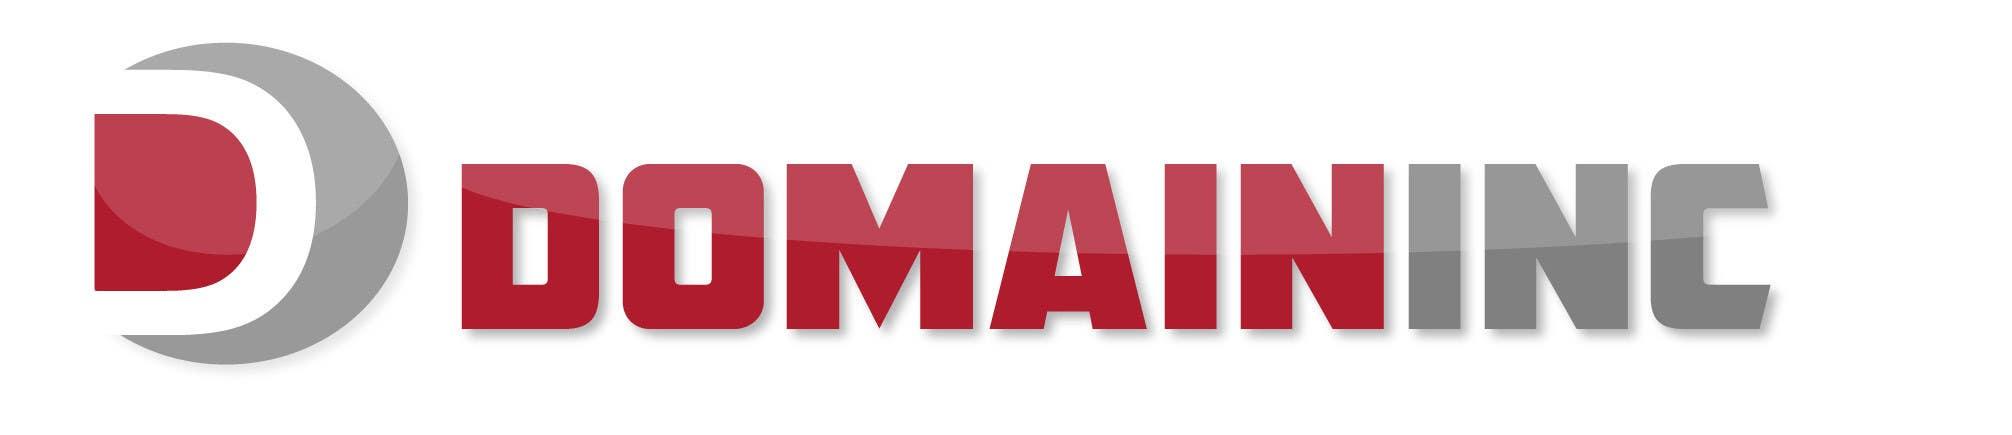 Inscrição nº                                         113                                      do Concurso para                                         Logo Design for web hosting / domain management website